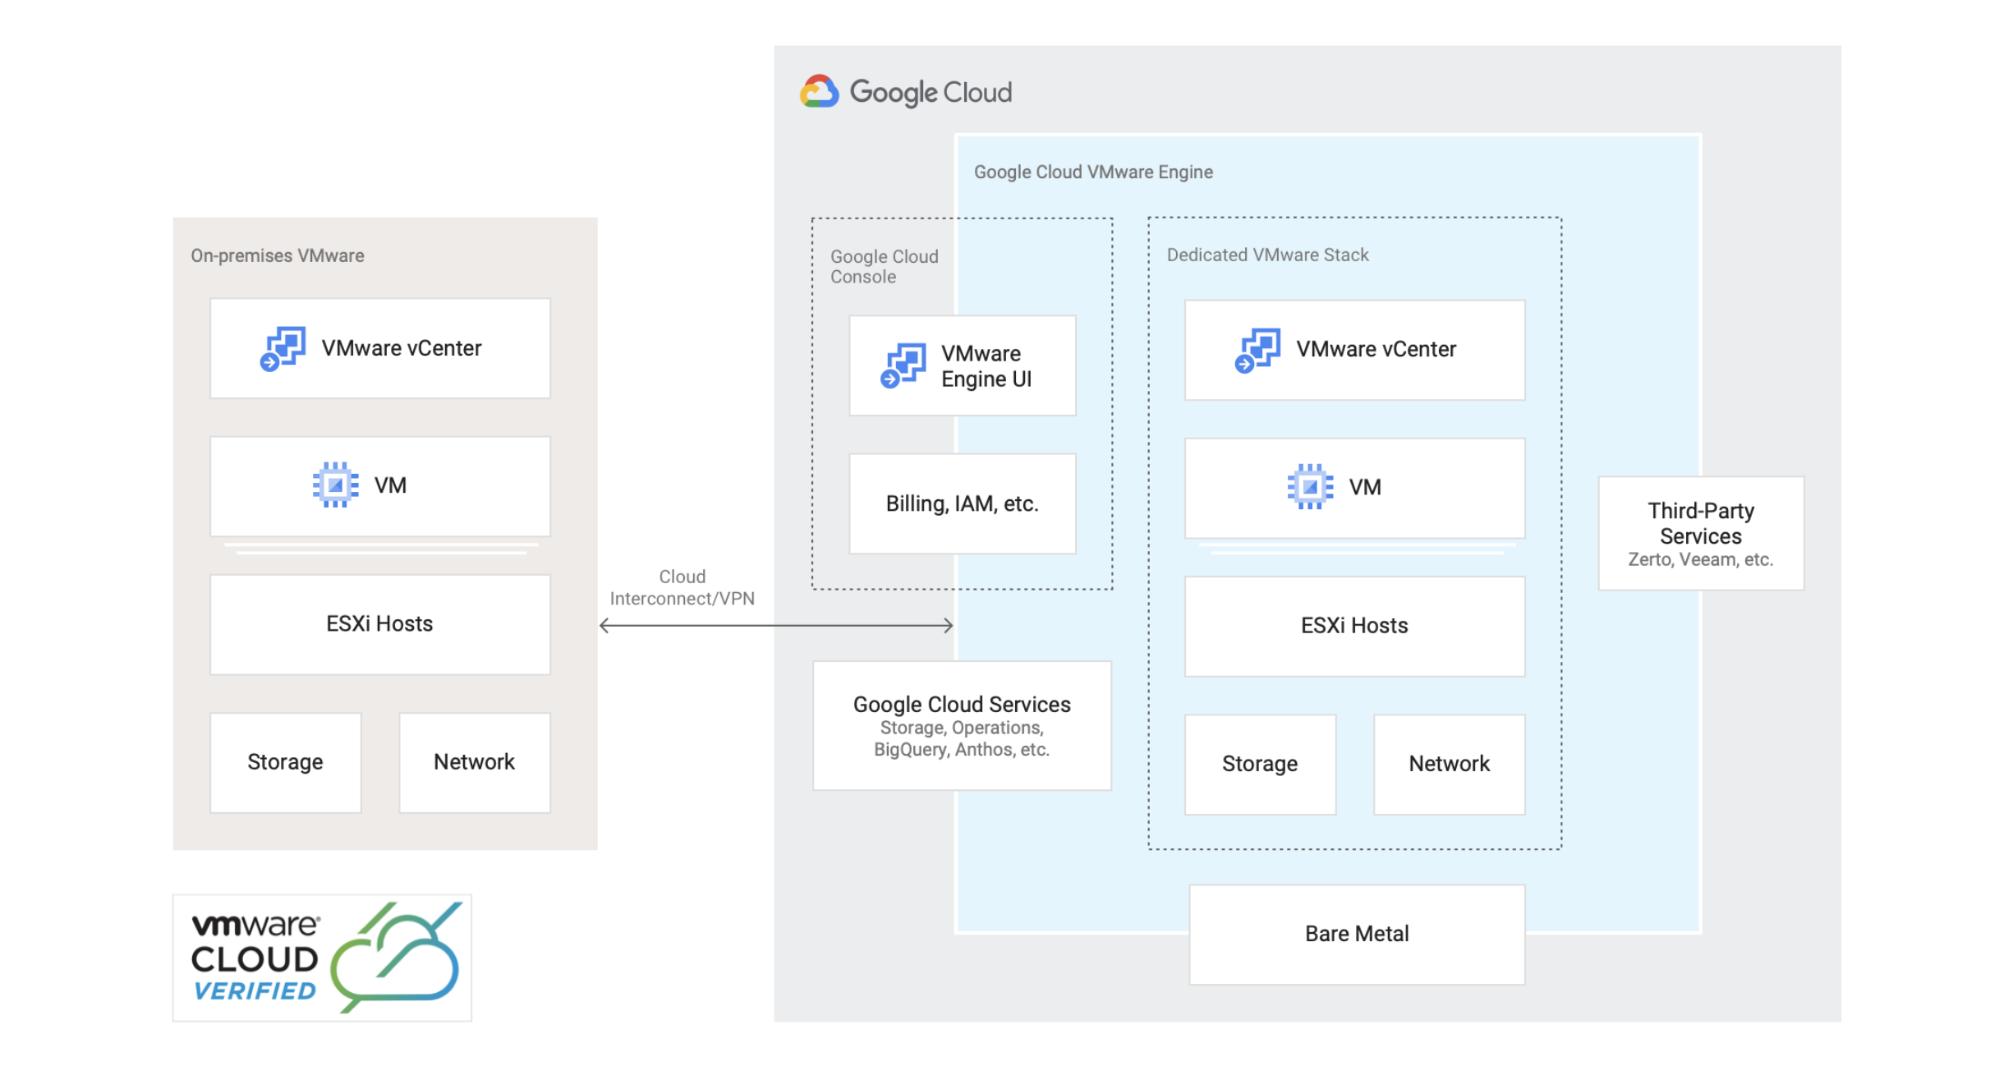 展示如何将 VMware 环境迁移或扩展到 Google Cloud 的参考架构。